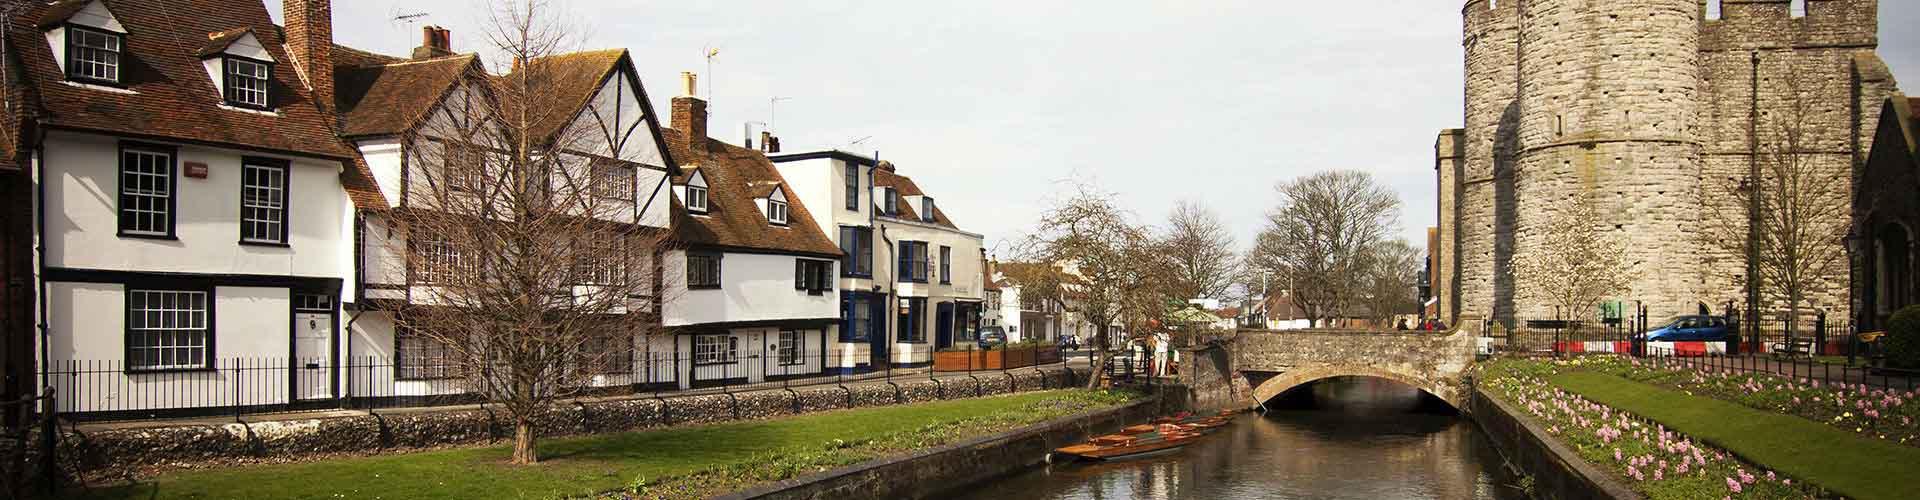 Canterbury - Habitaciones en Canterbury. Mapas de Canterbury, Fotos y comentarios de cada Habitación en Canterbury.